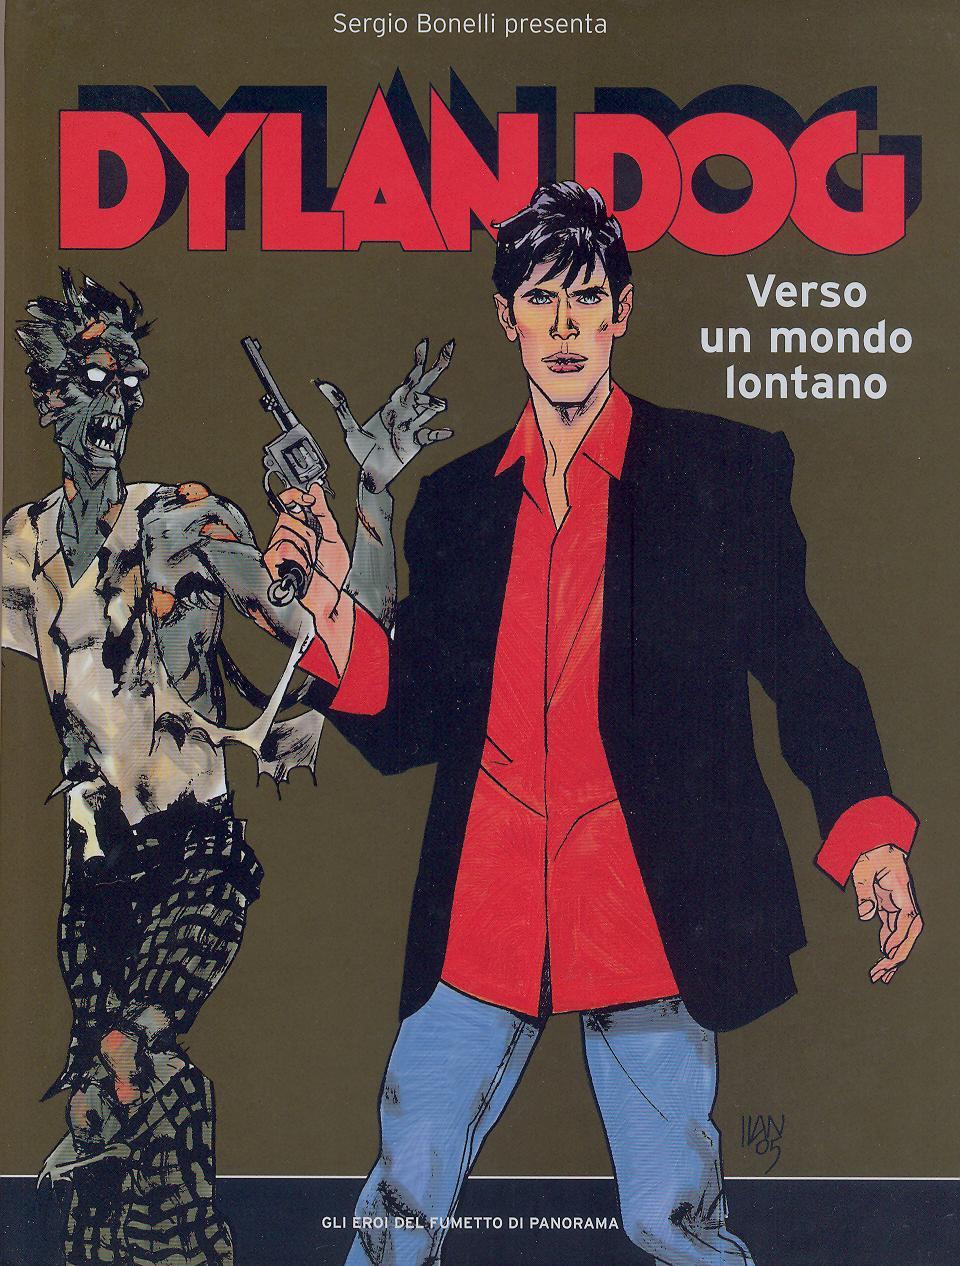 Dylan Dog - verso un mondo lontano